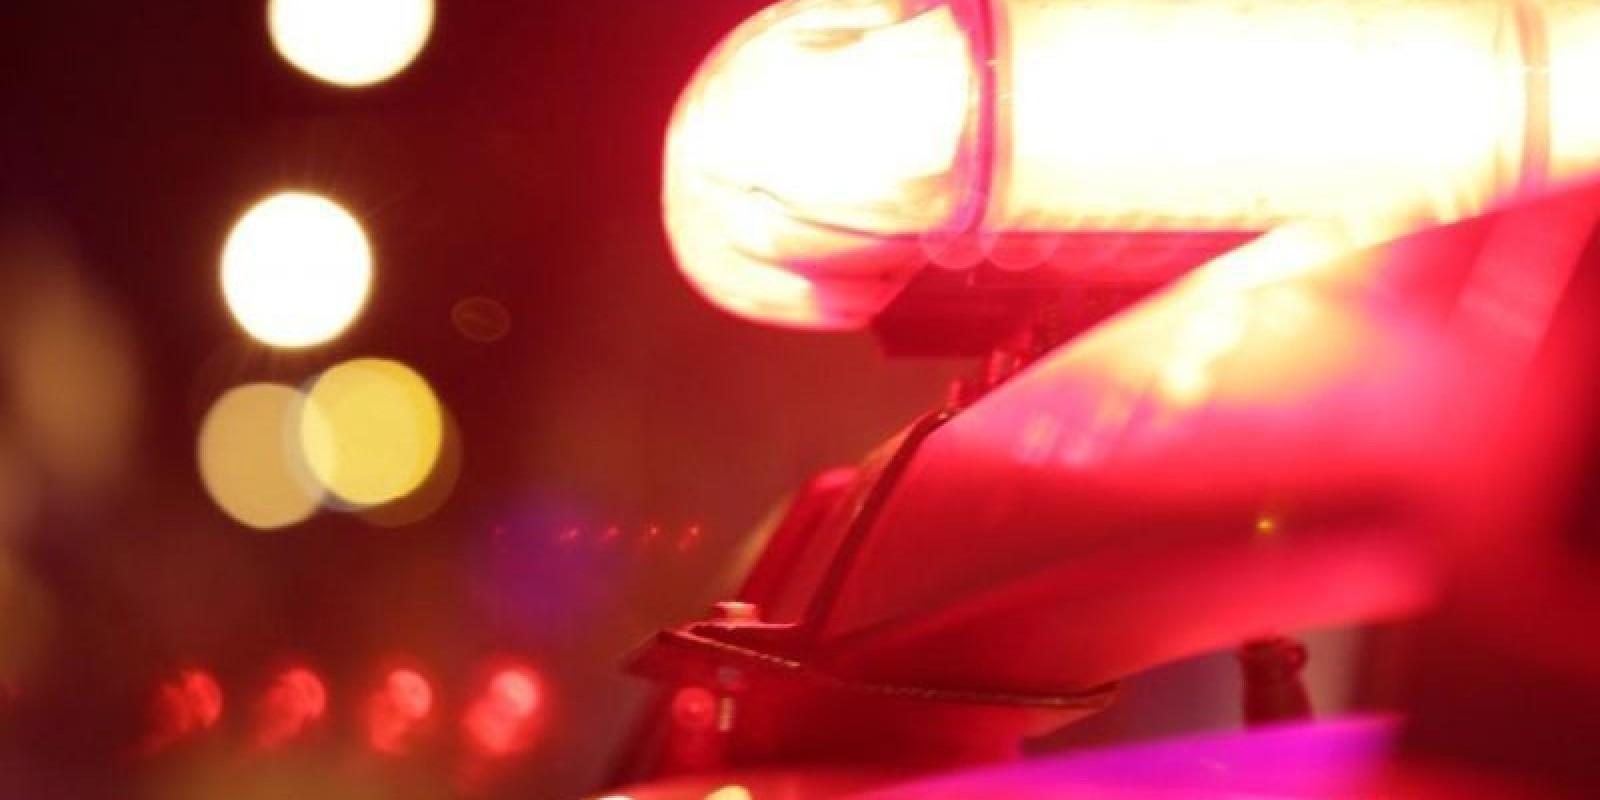 Giro no Estado: homem espancado por suspeita de tentar estuprar enteada morre após um mês no hospital em SC